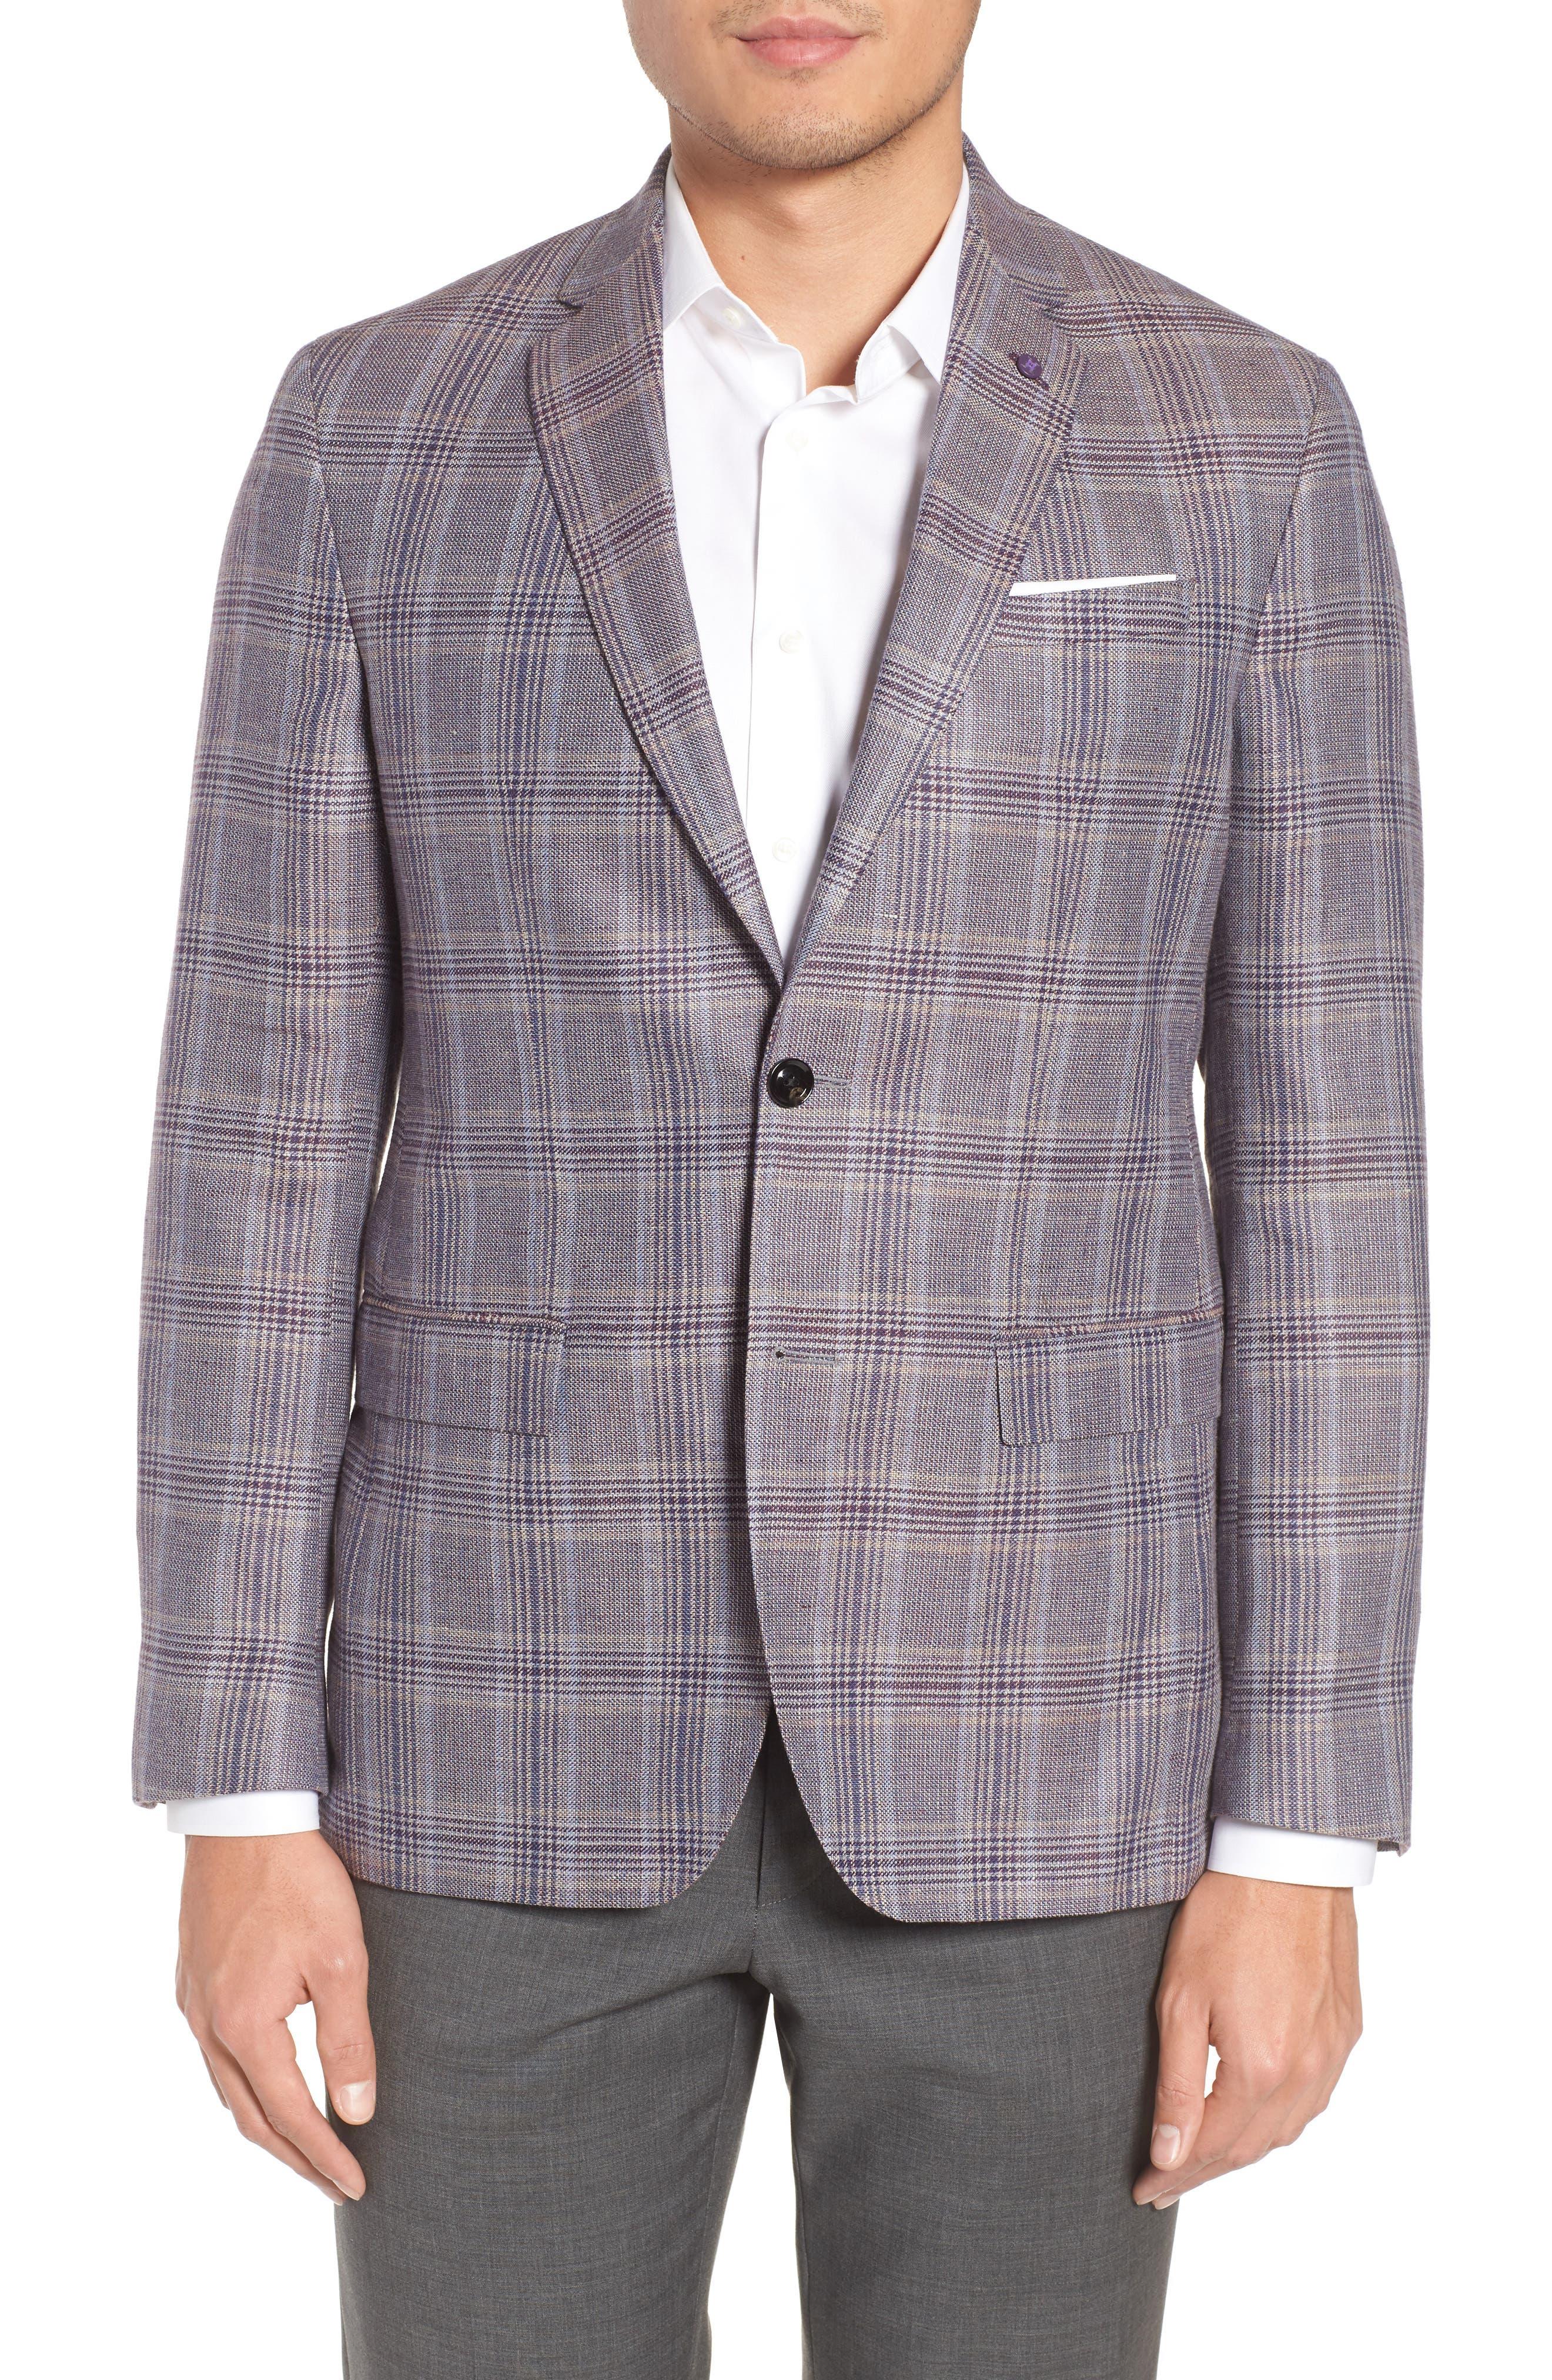 Konan Trim Fit Plaid Linen & Wool Sport Coat,                         Main,                         color, 270